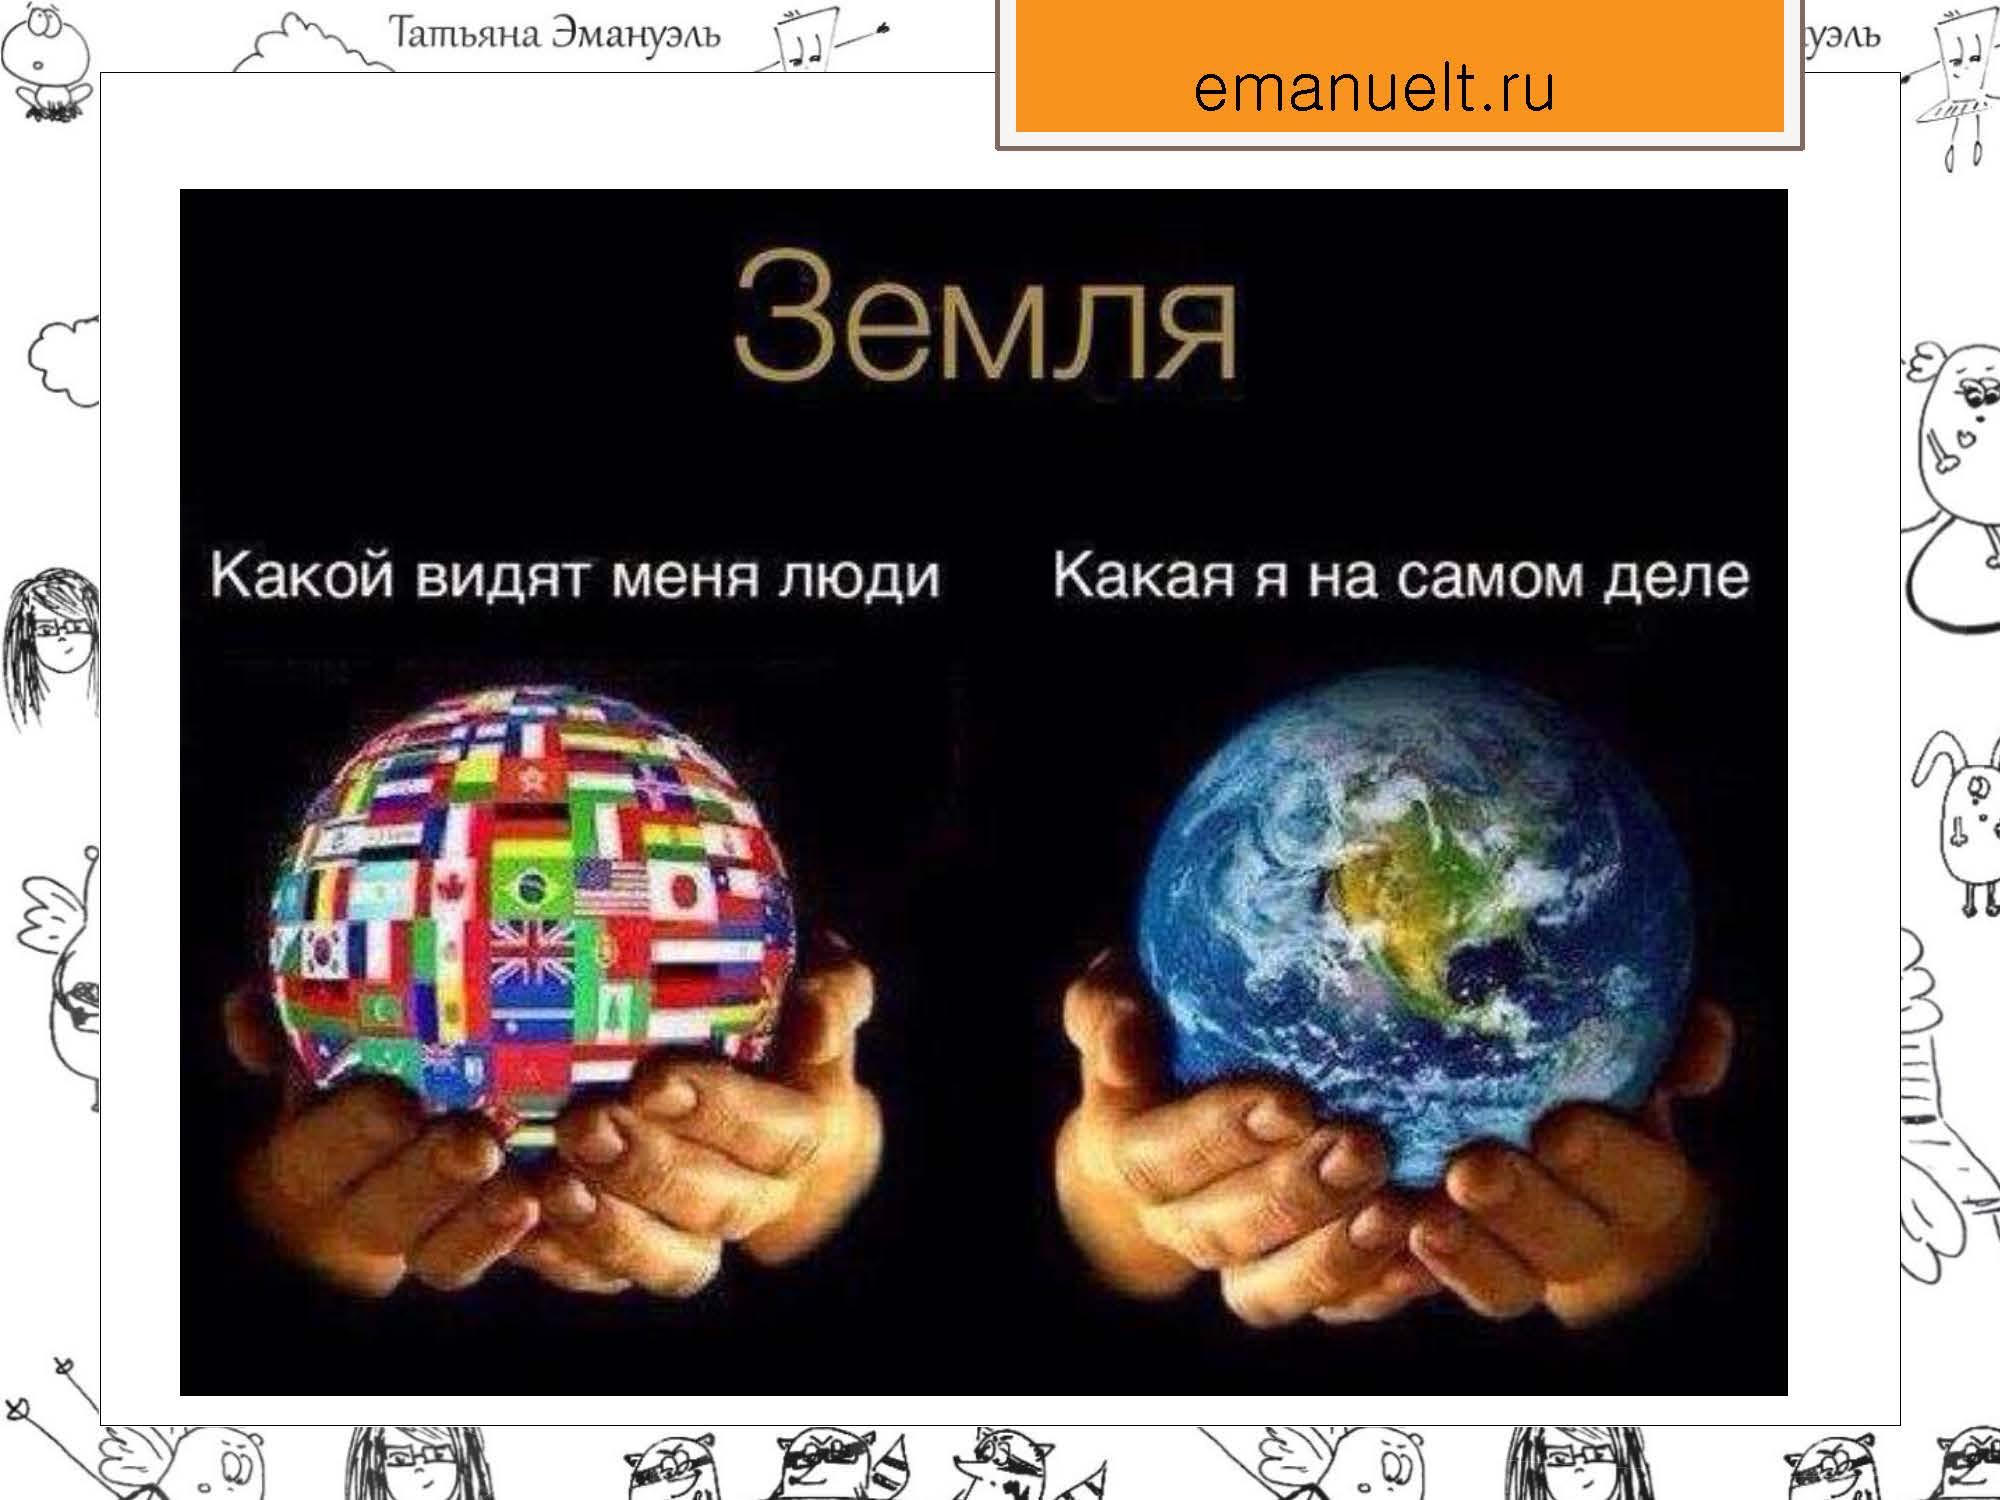 секция 8. Эмануэль Т.С., Московский район_Страница_53